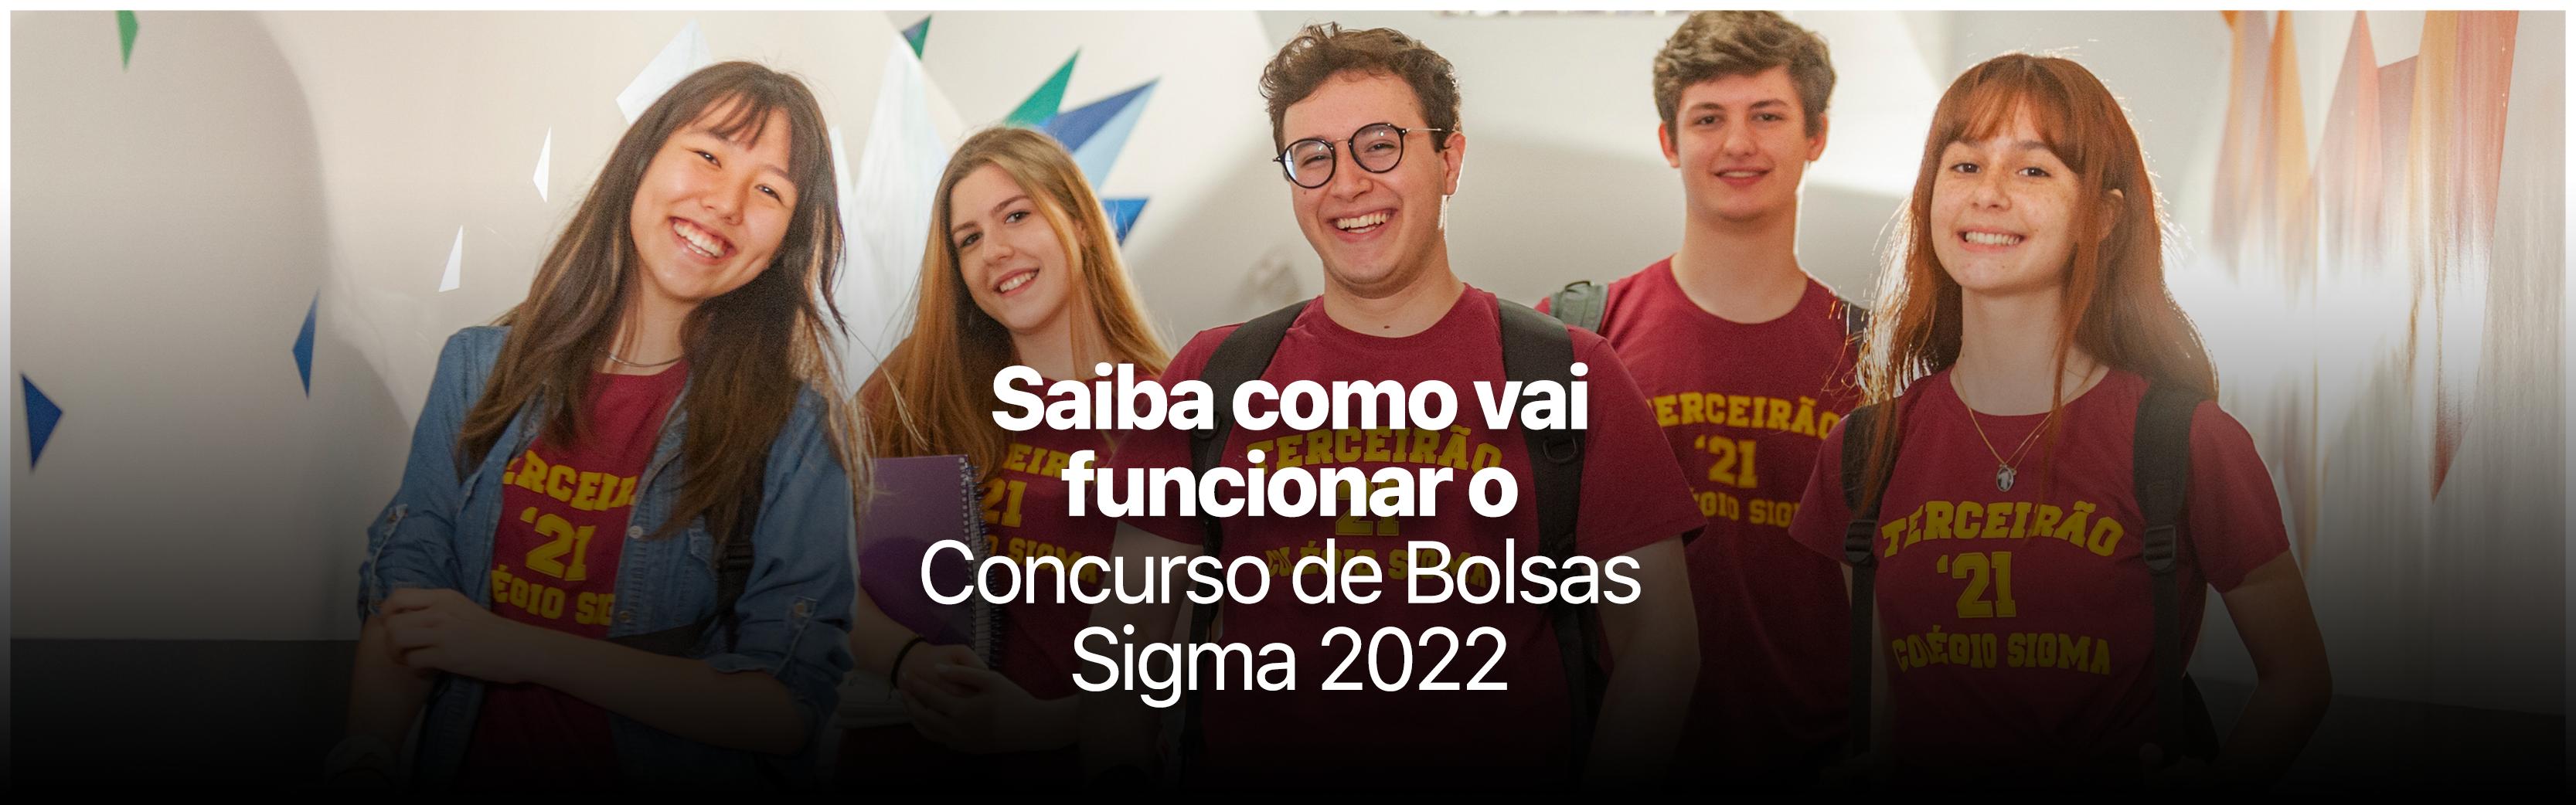 Concurso de Bolsas Sigma 2022: inscrições estão abertas para o Ensino Médio